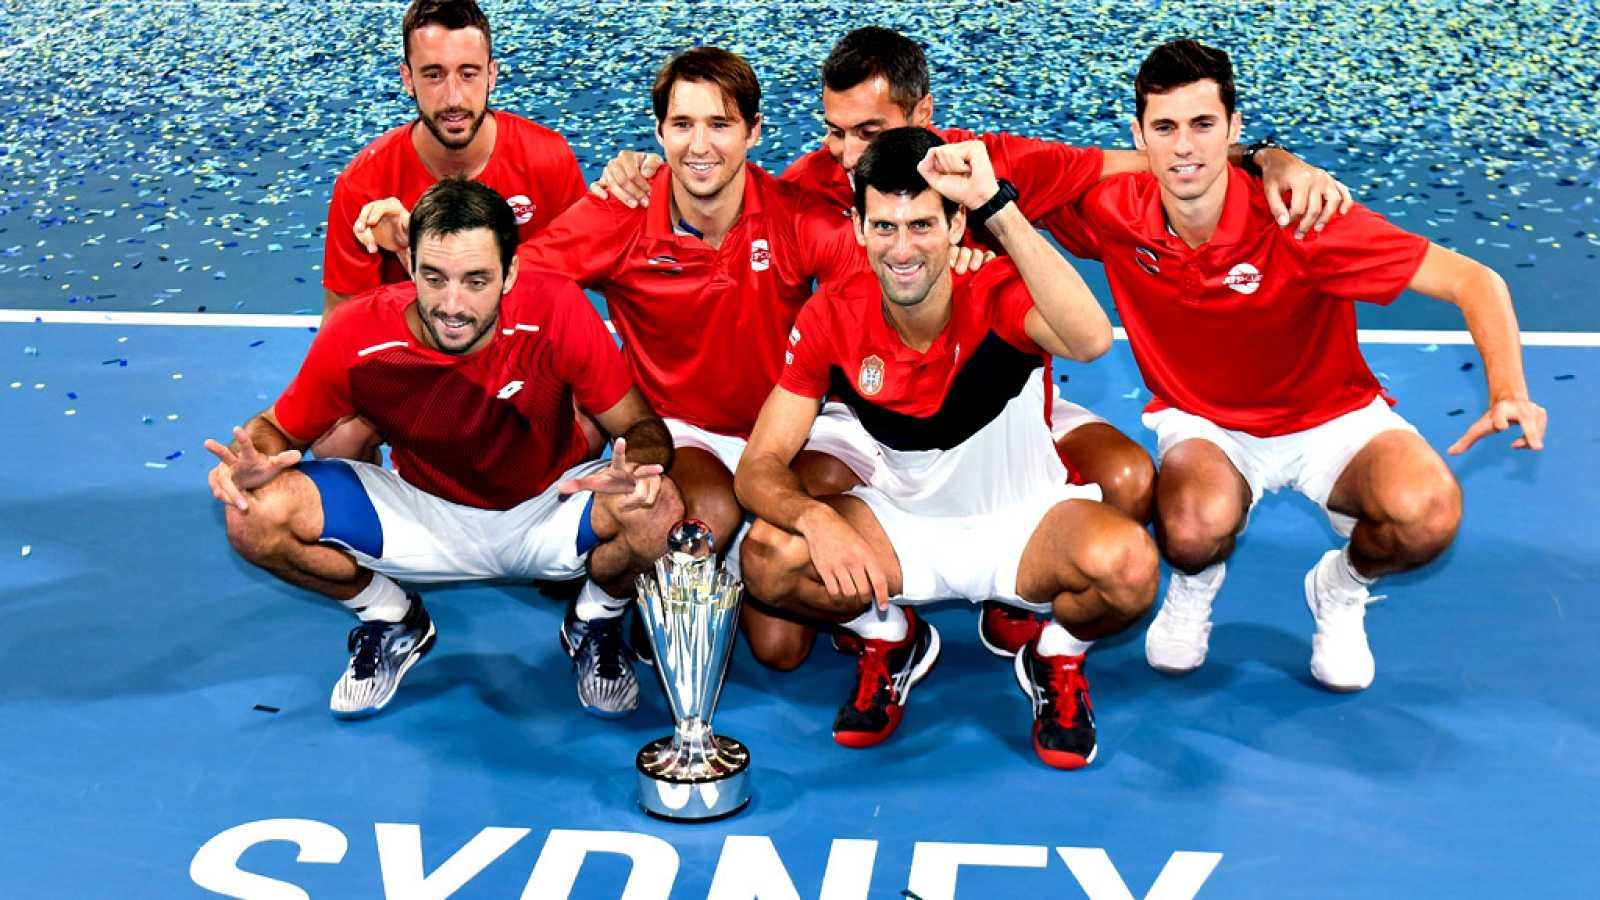 Novak Djokovic fue el héroe del equipo de Serbia, campeón de la primera edición de la Copa ATP, en la que el conjunto que ha dirigido Nenan Zimonjinc se impuso por 2-1 al de España en la final, gracias al triunfo en el doble en una jornada en la que